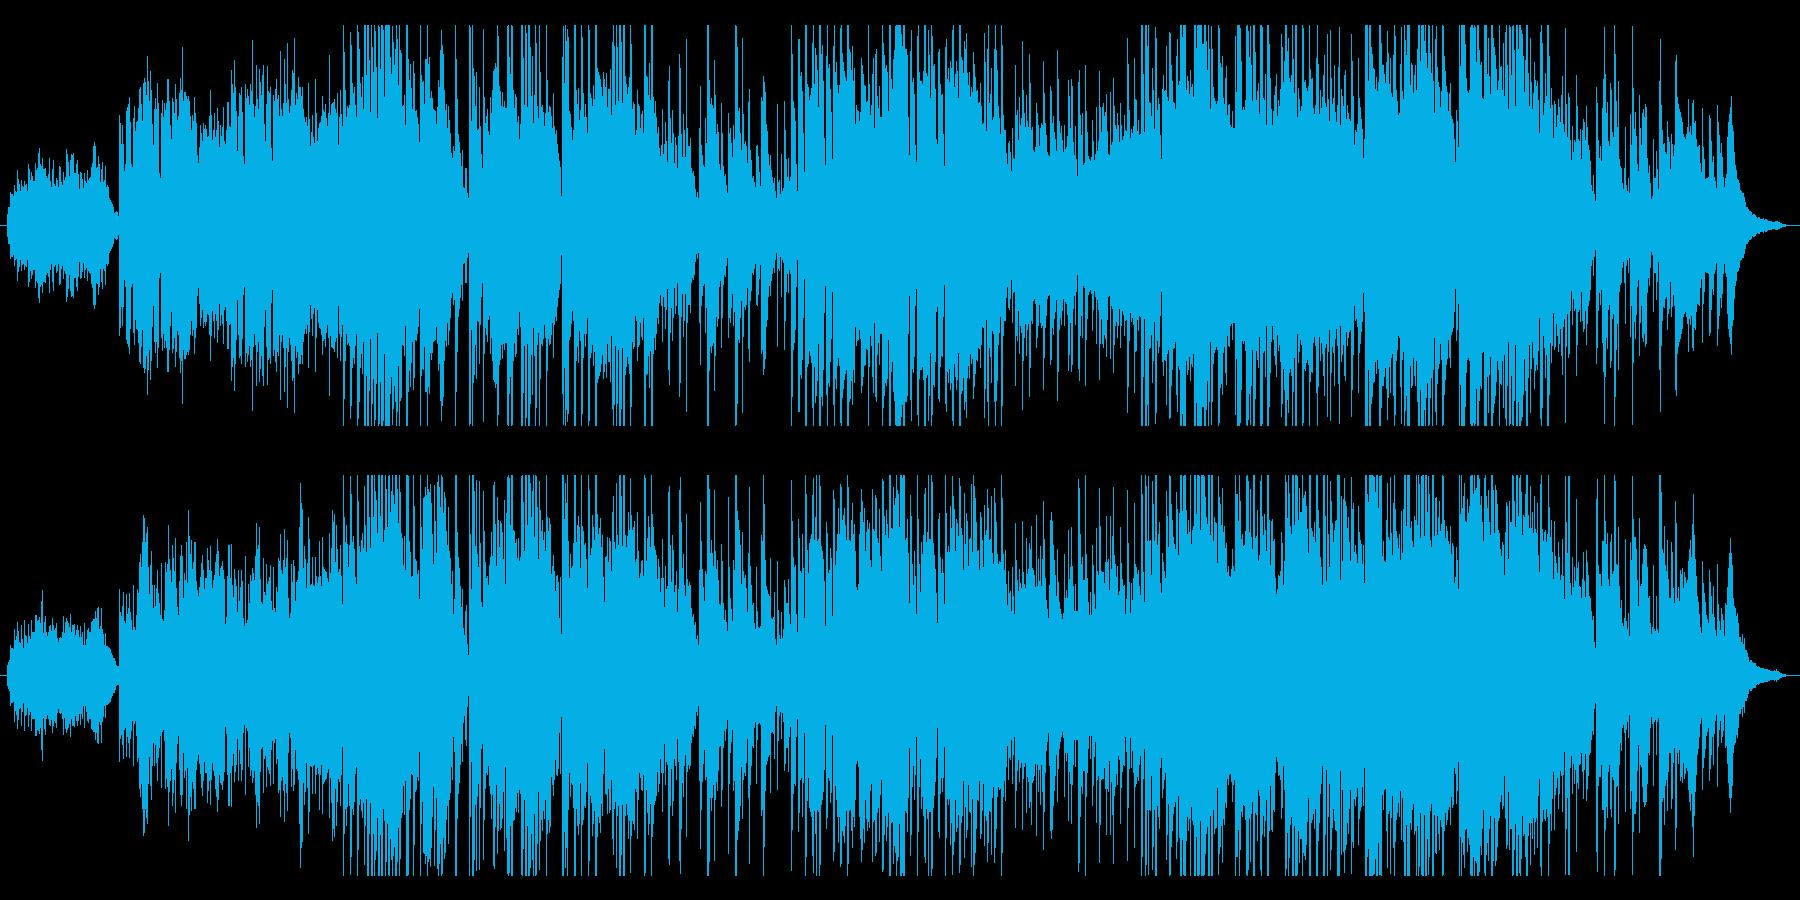 落ち着いた雰囲気のラウンジミュージックの再生済みの波形